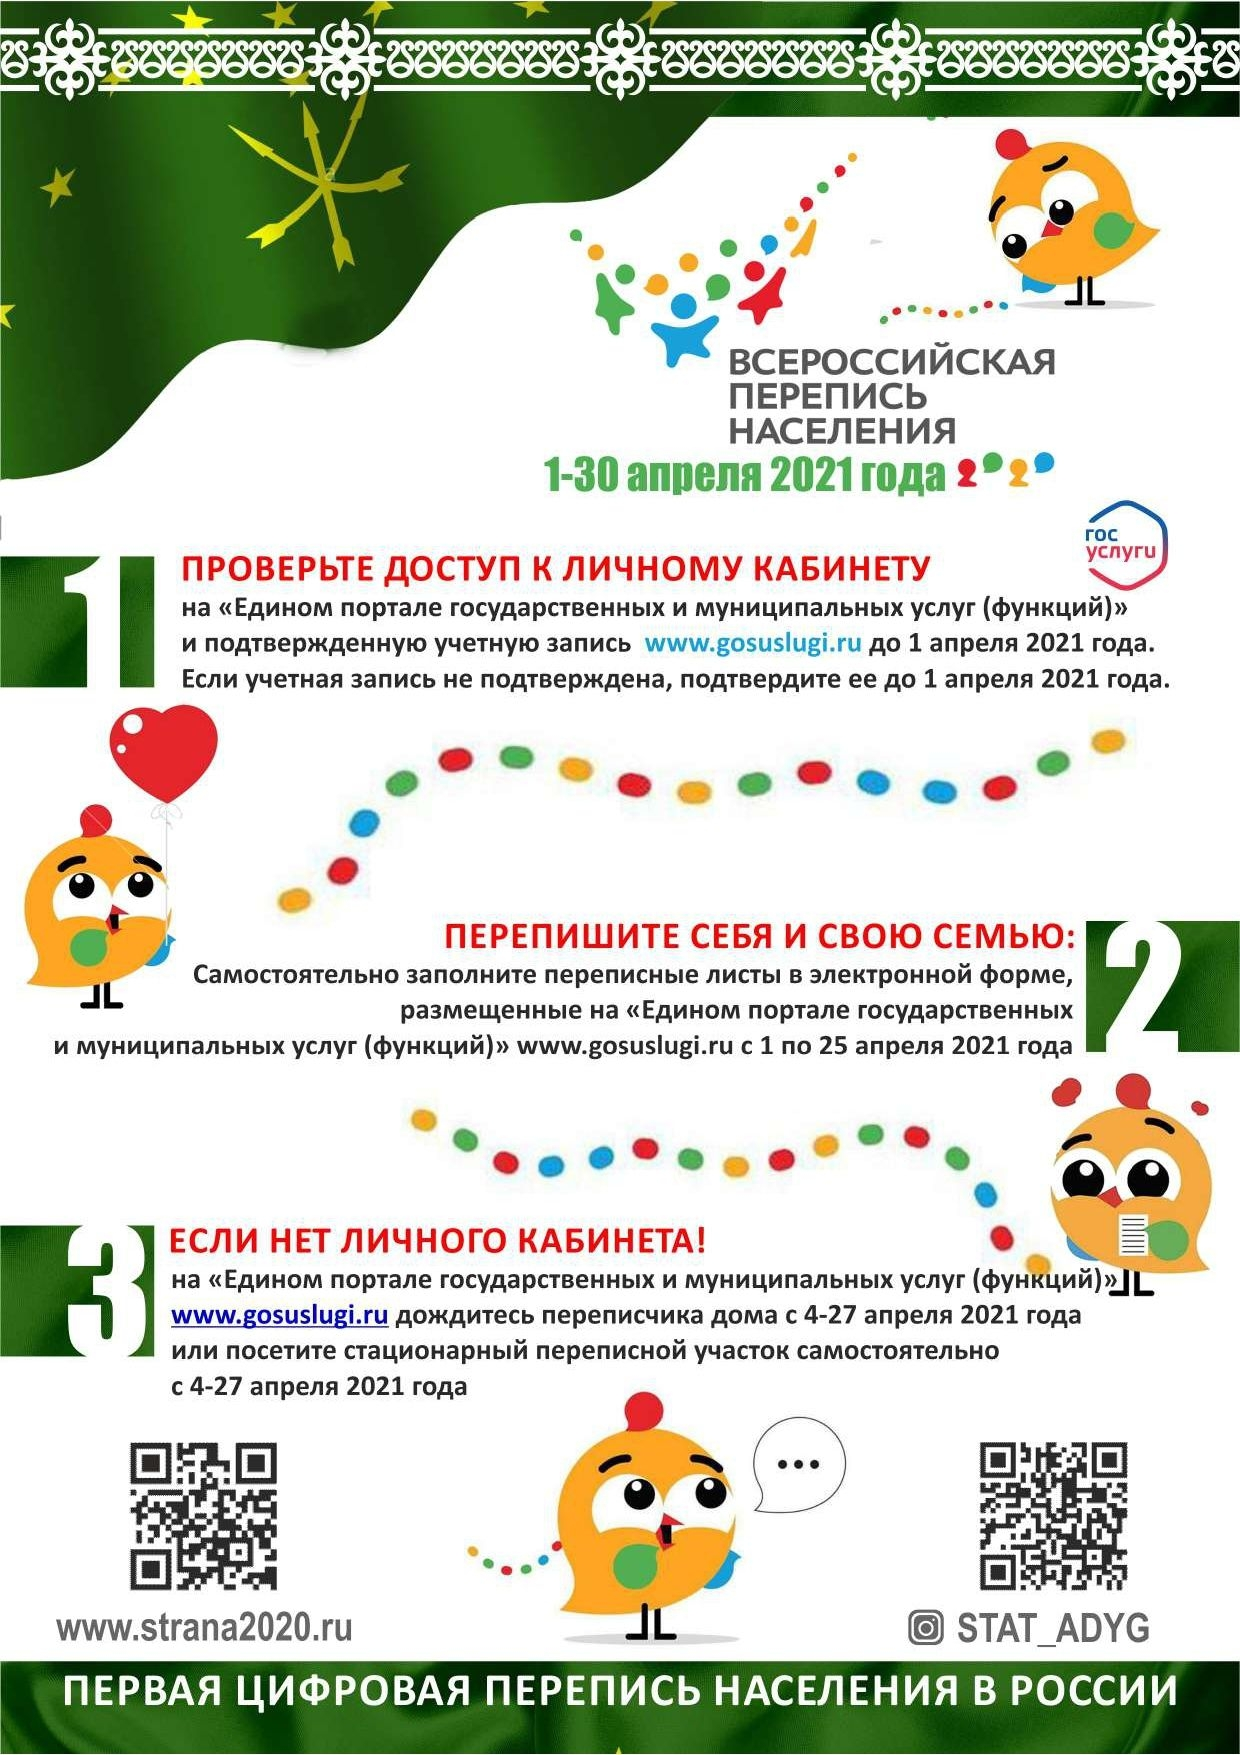 Республика Адыгея - Перепись Населения С 1-30 Апреля 2021